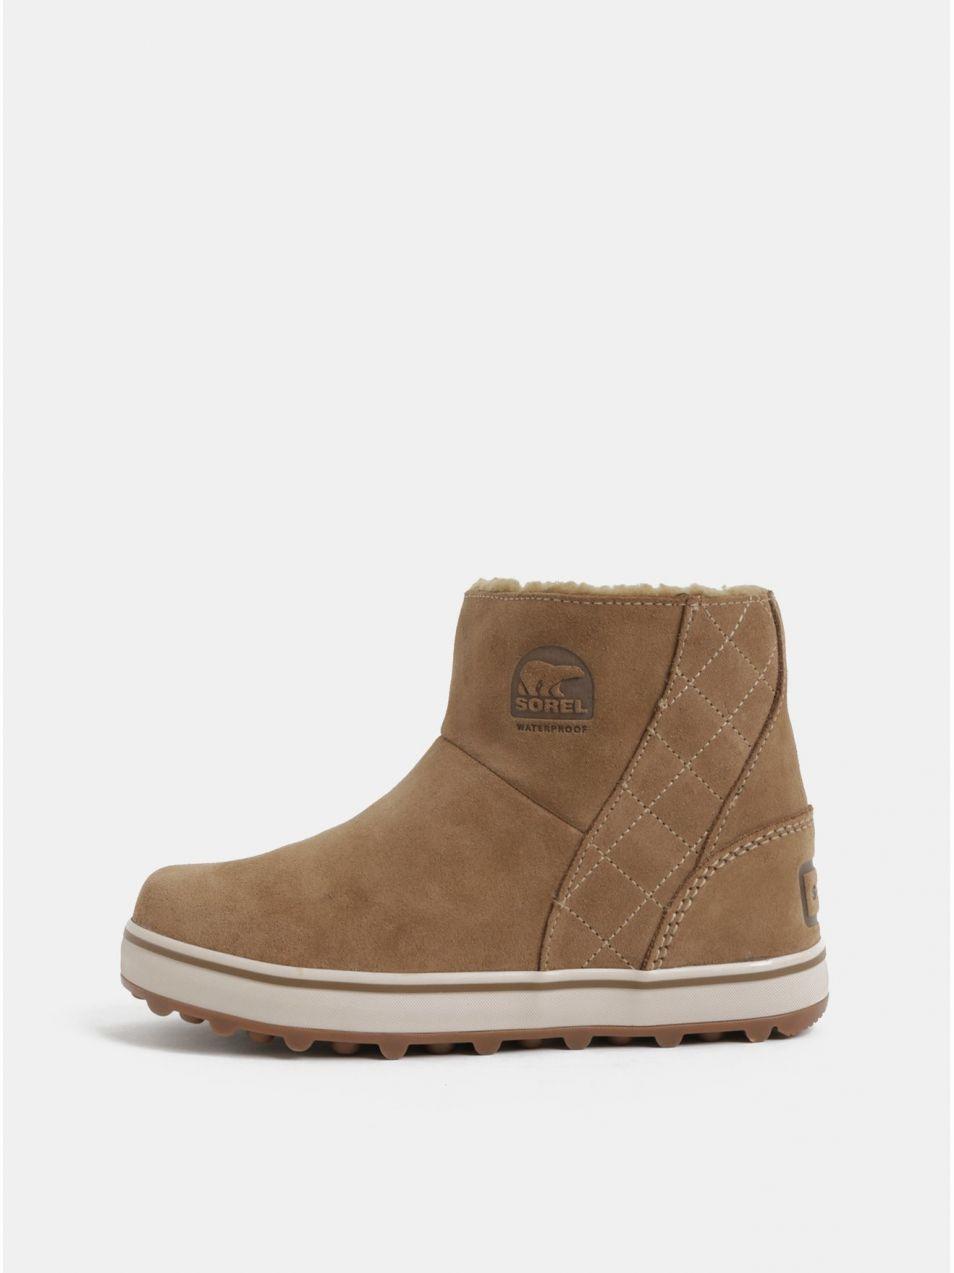 Svetlohnedé dámske semišové zimné nepremokavé topánky SOREL Glacy Short e8ec3ff6eee